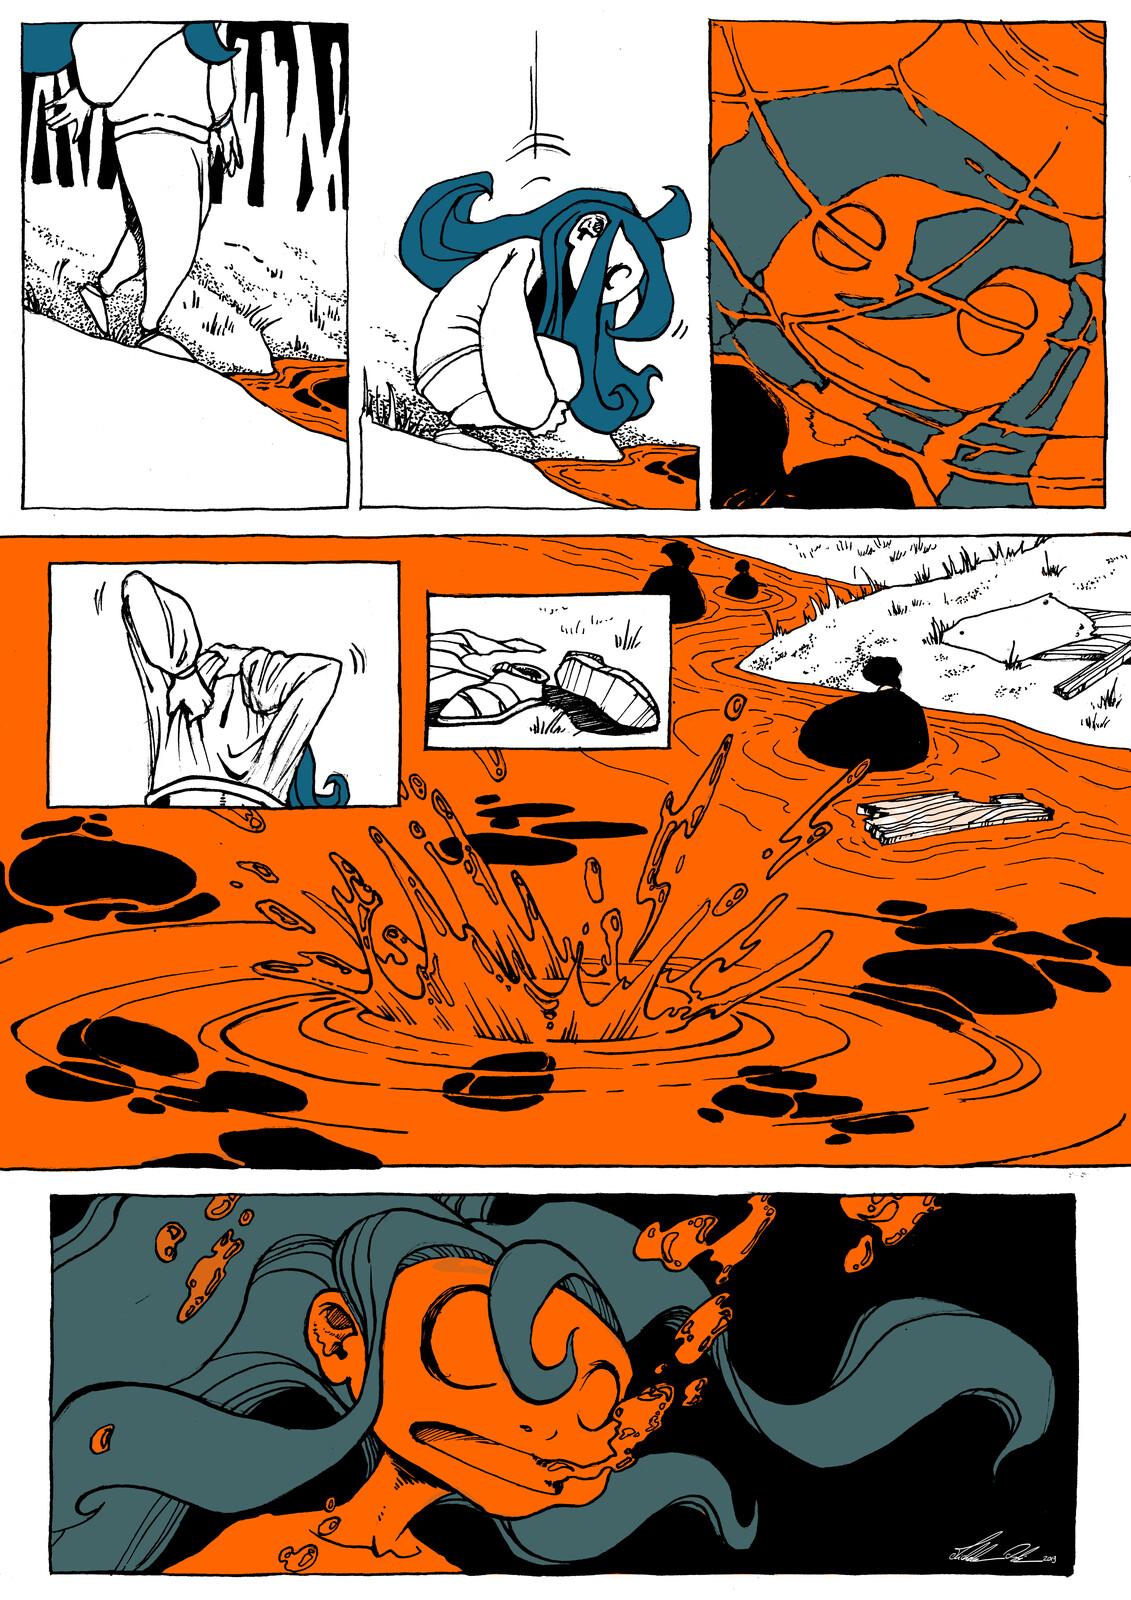 IL SUONO CHE RESTA MA DIMENTICHI - Page 4